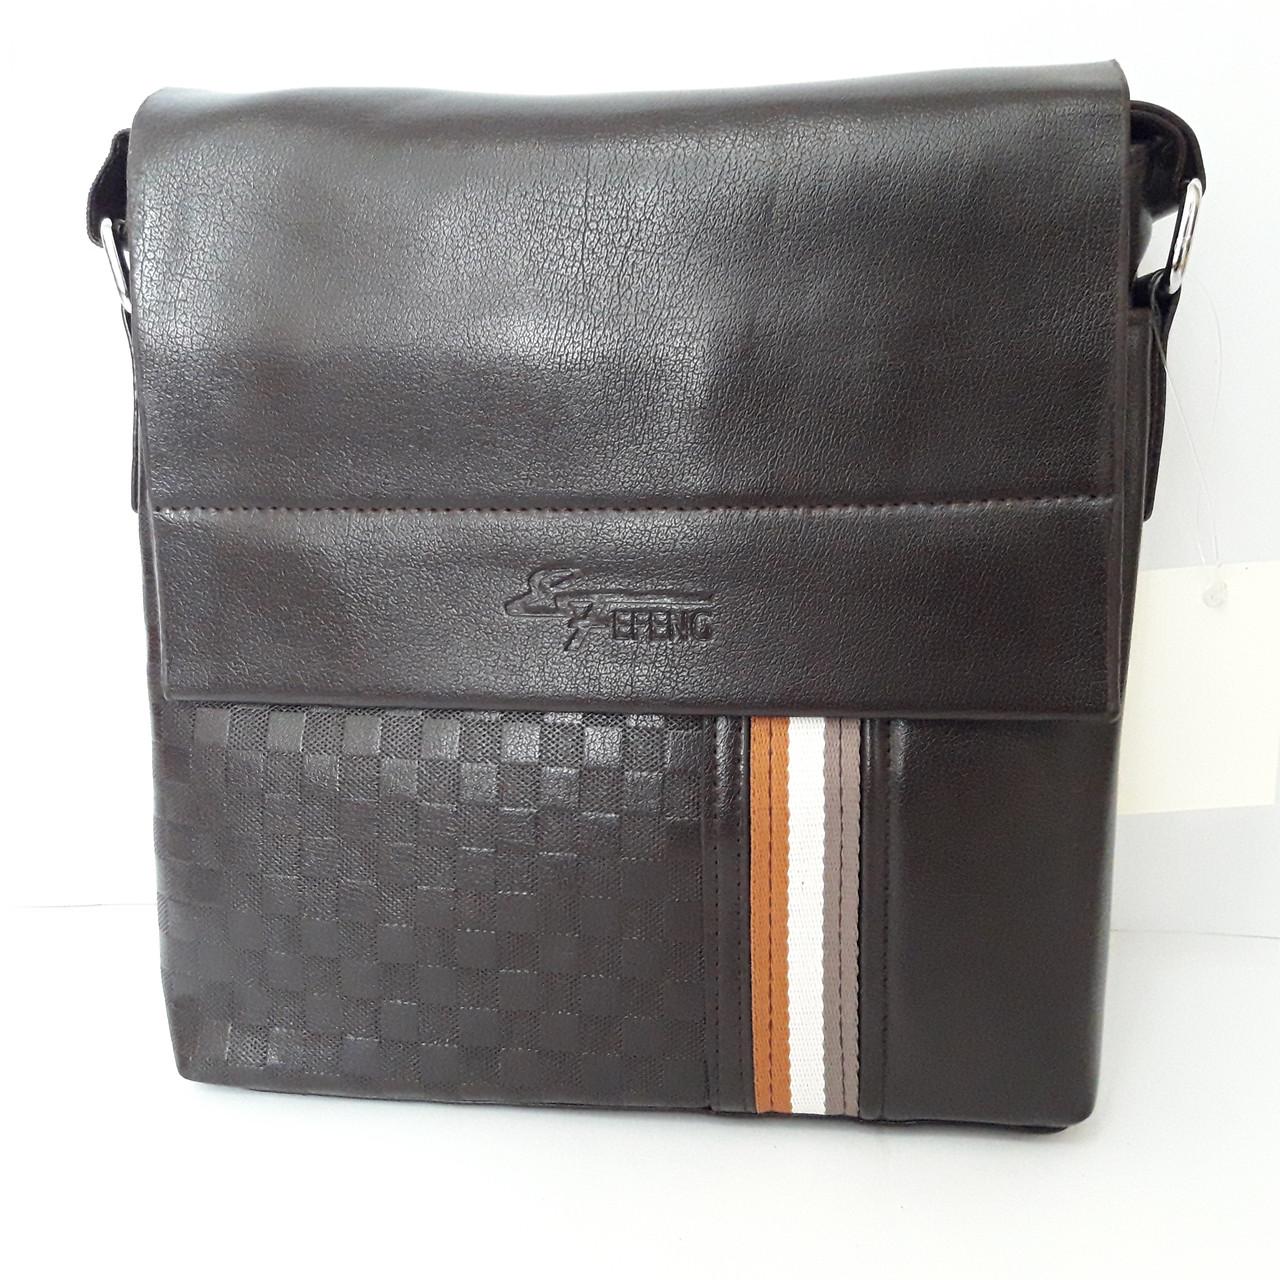 429881eda7f5 Стильная мужская сумка планшет 26х27х8 см барсетка эко кожа черная ...